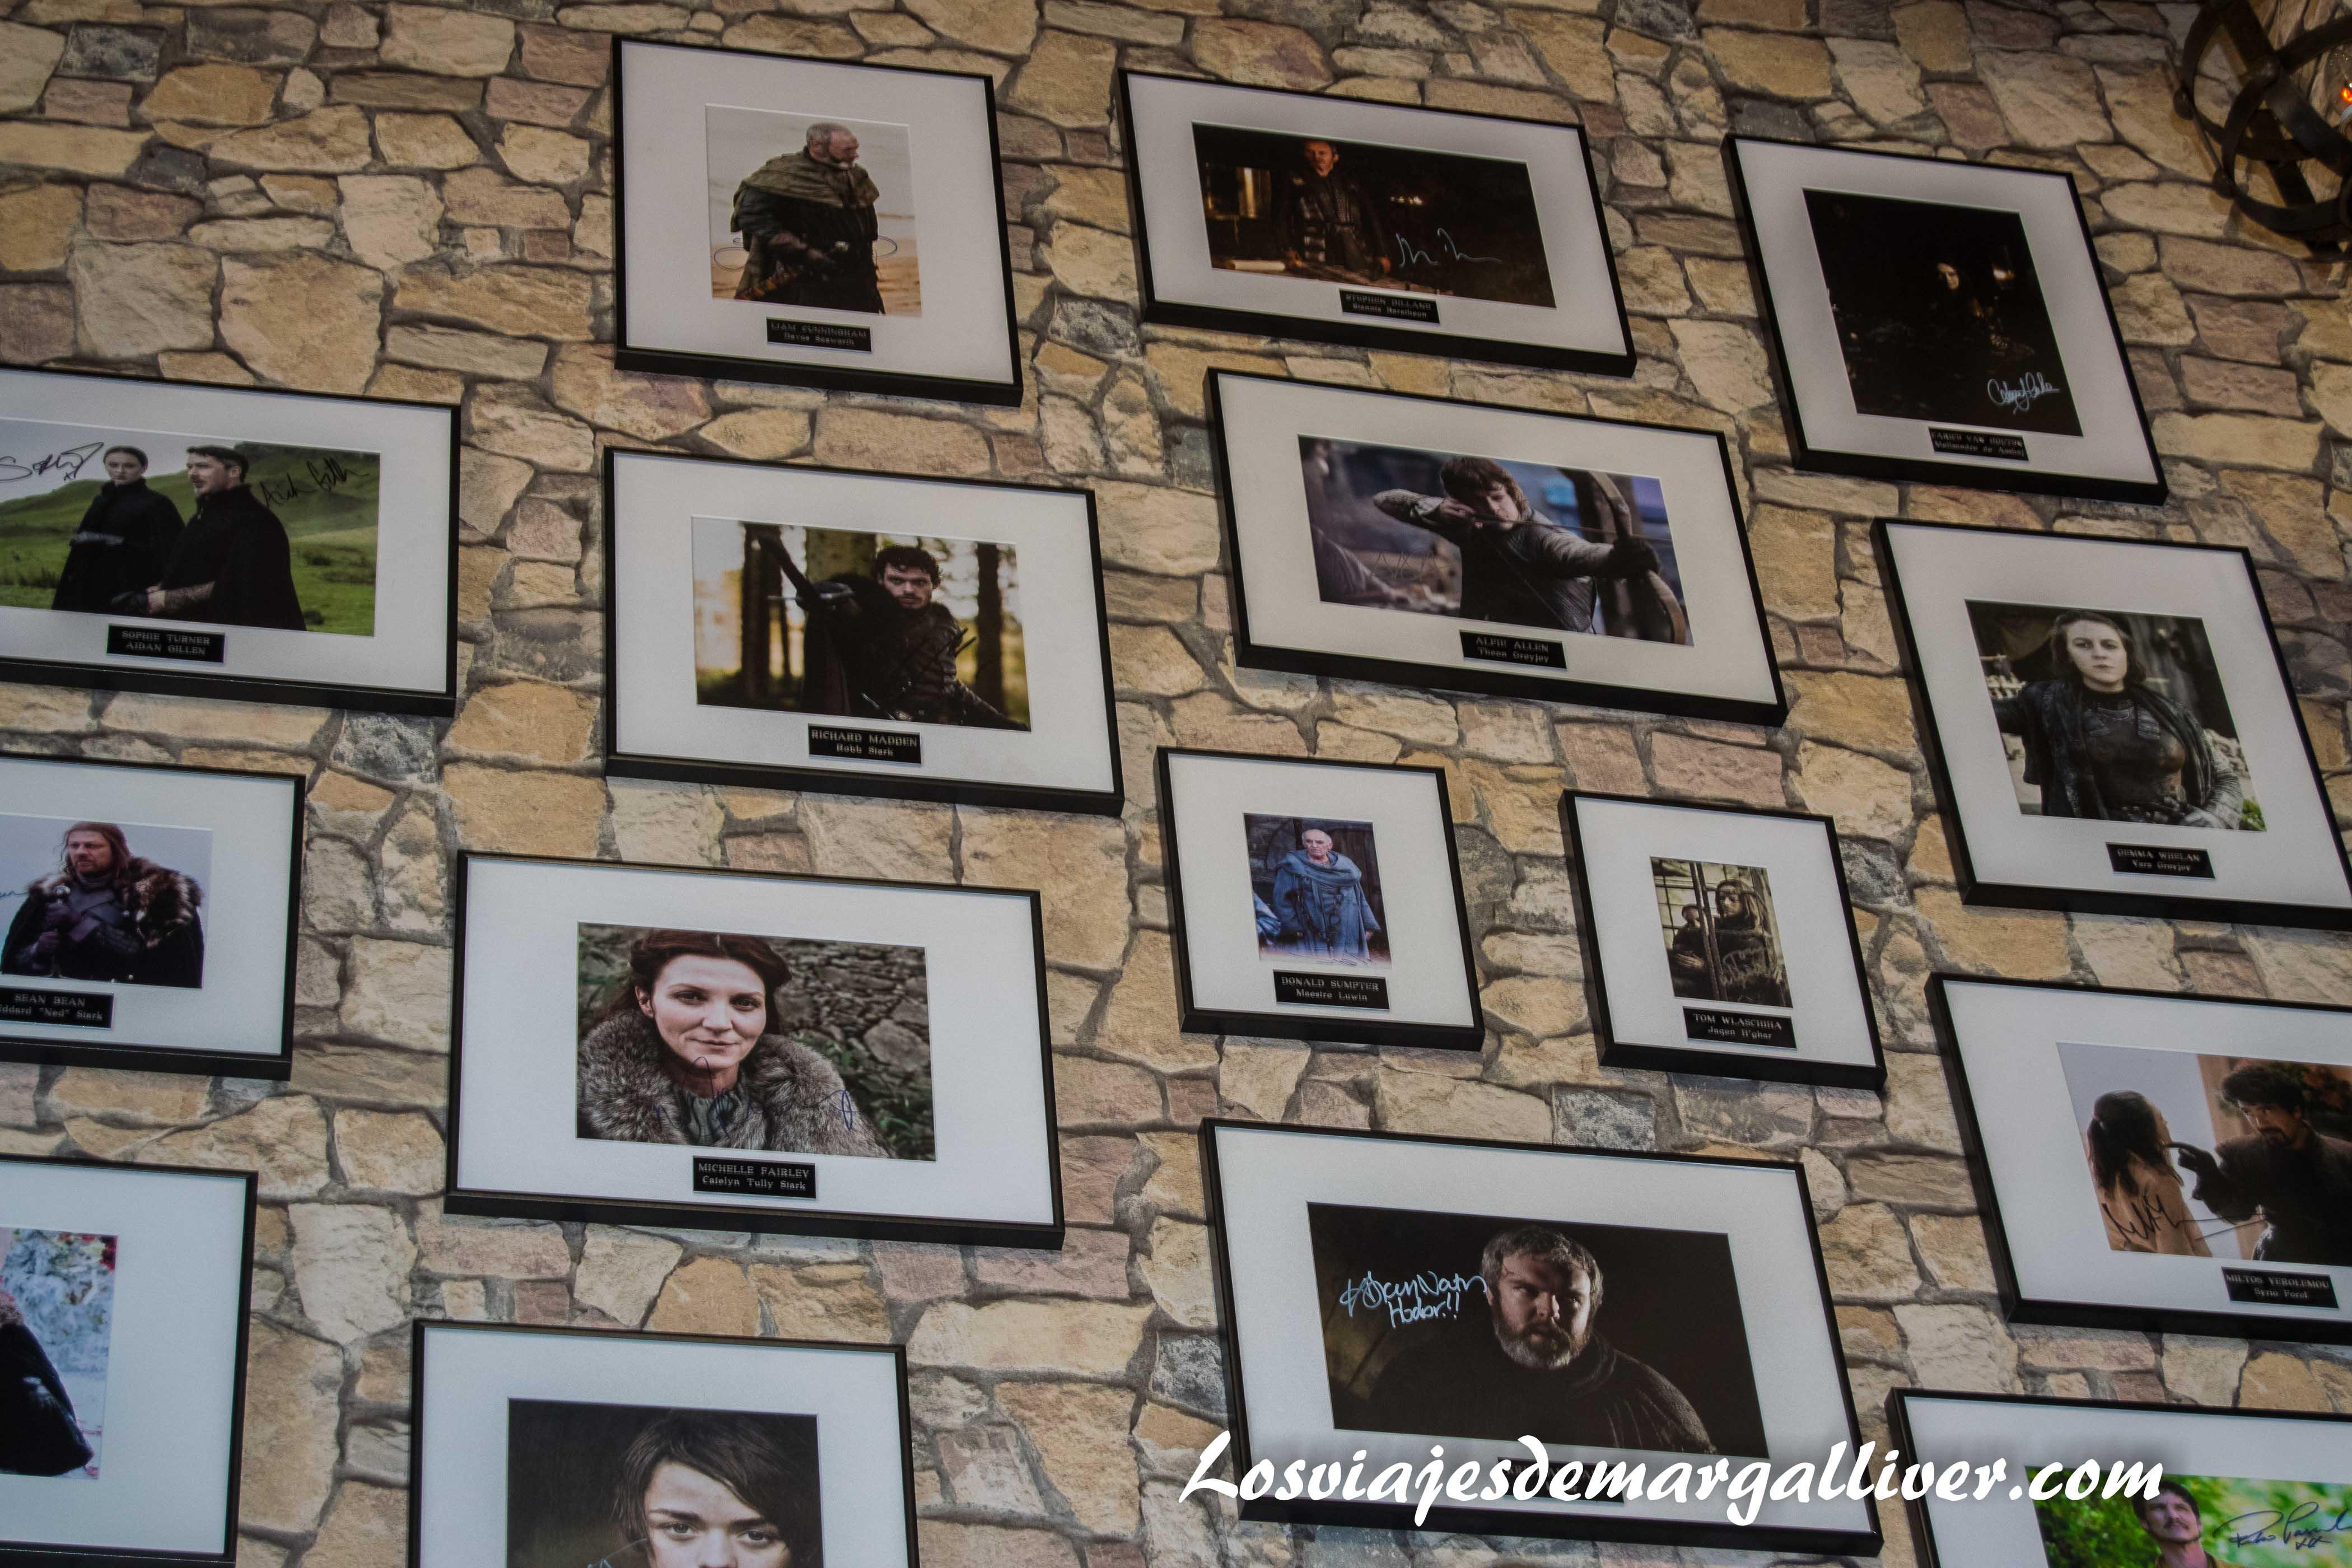 Autografos del museo de Juego de Tronos de Osuna en la ruta de juego de tronos - Los viajes de Margalliver